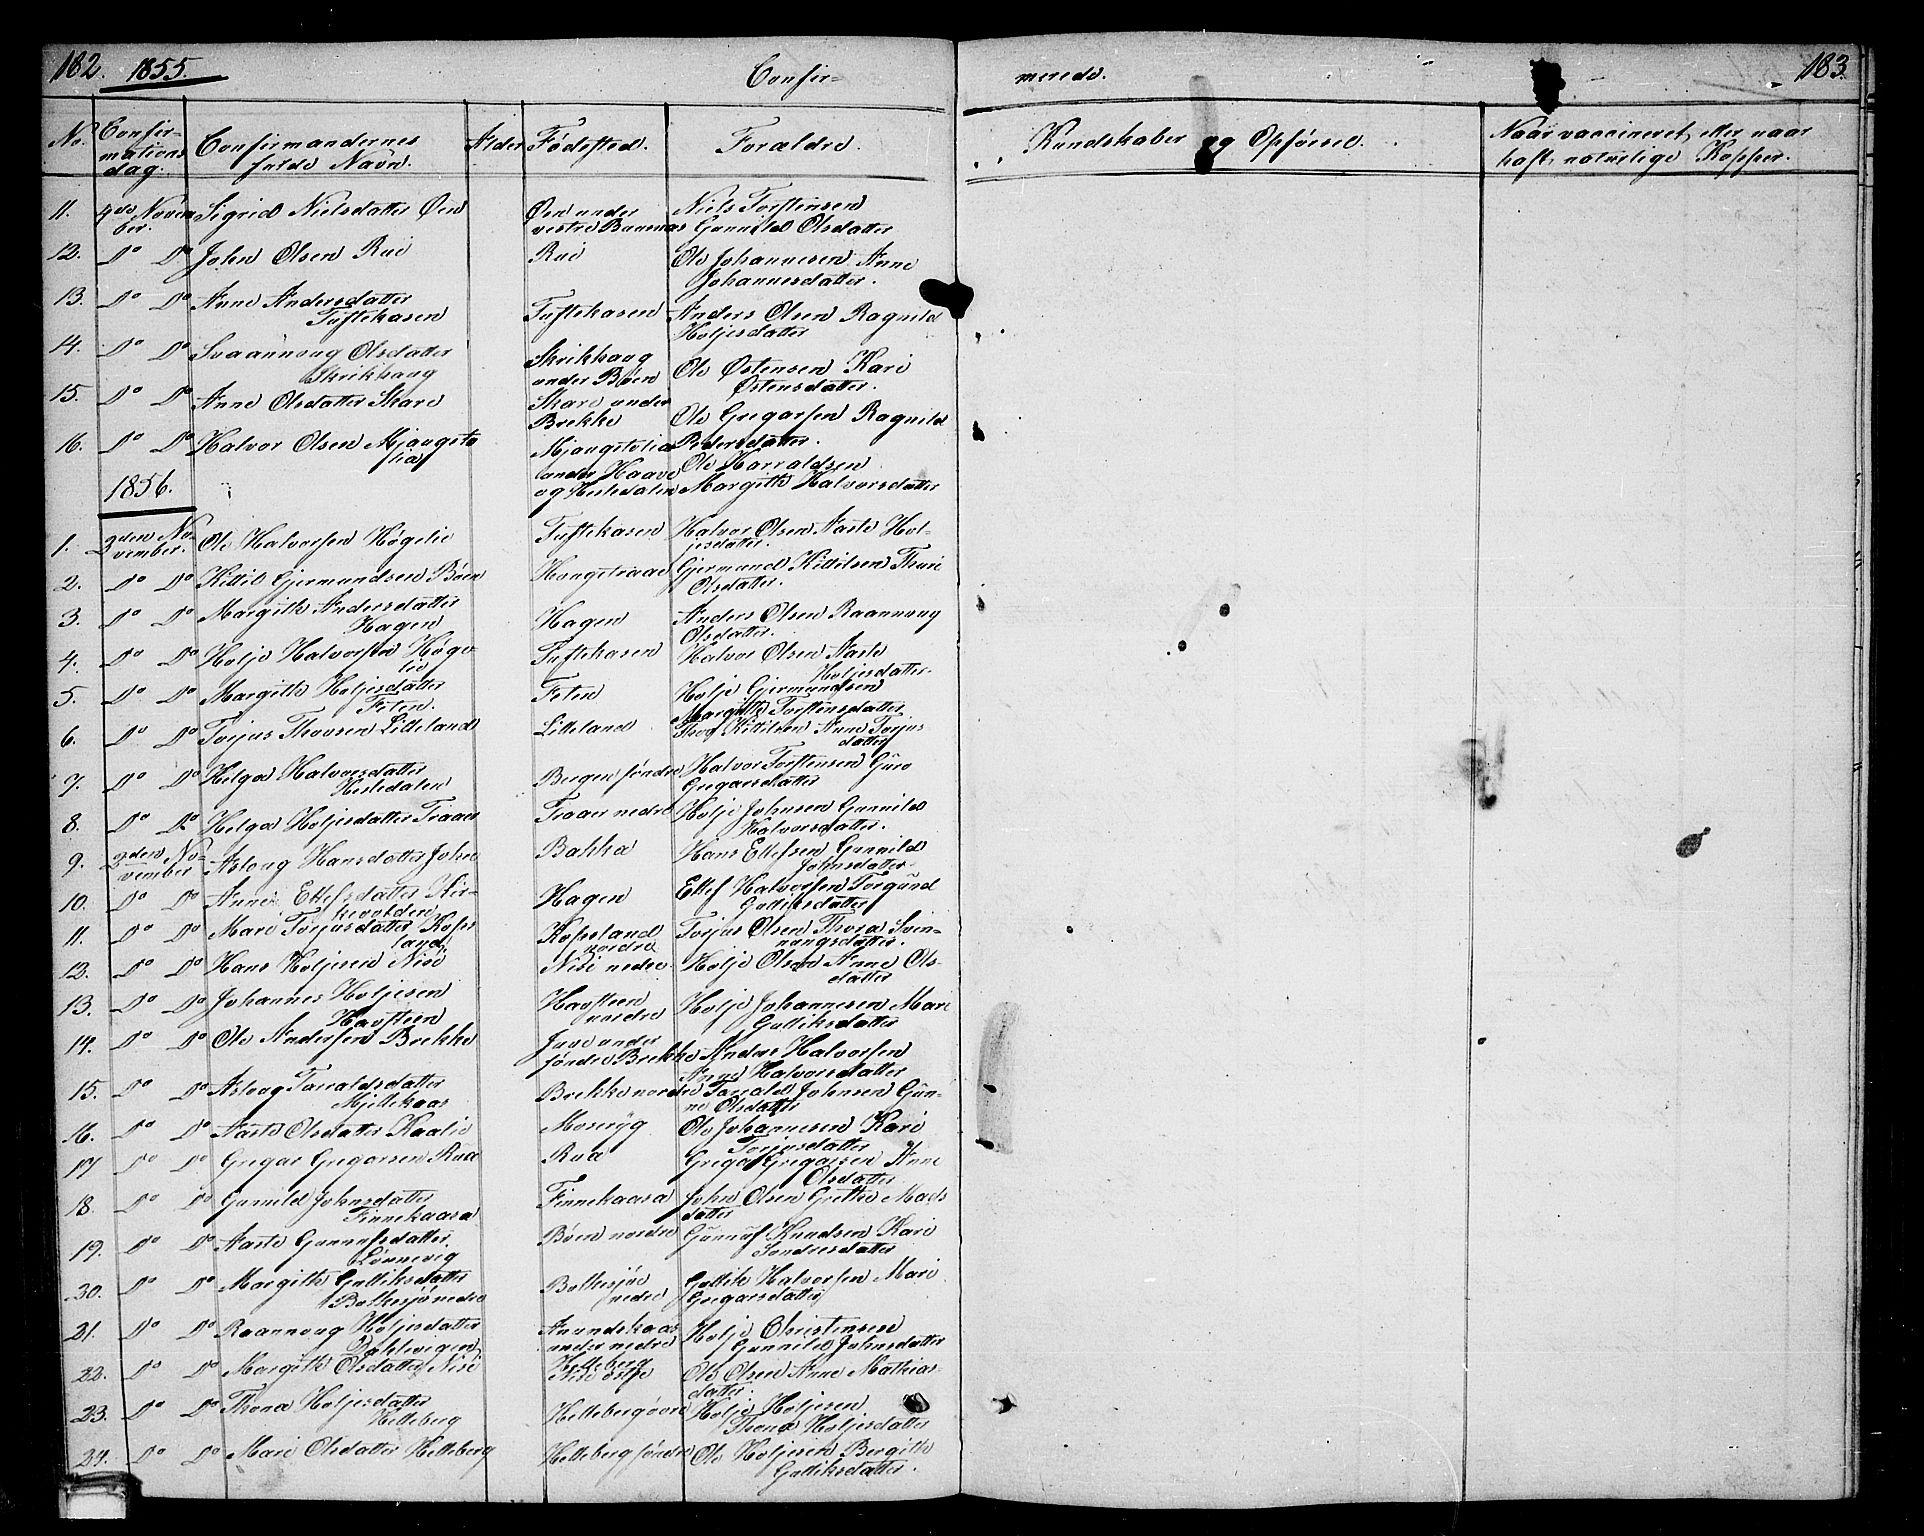 SAKO, Gransherad kirkebøker, G/Ga/L0002: Klokkerbok nr. I 2, 1854-1886, s. 182-183